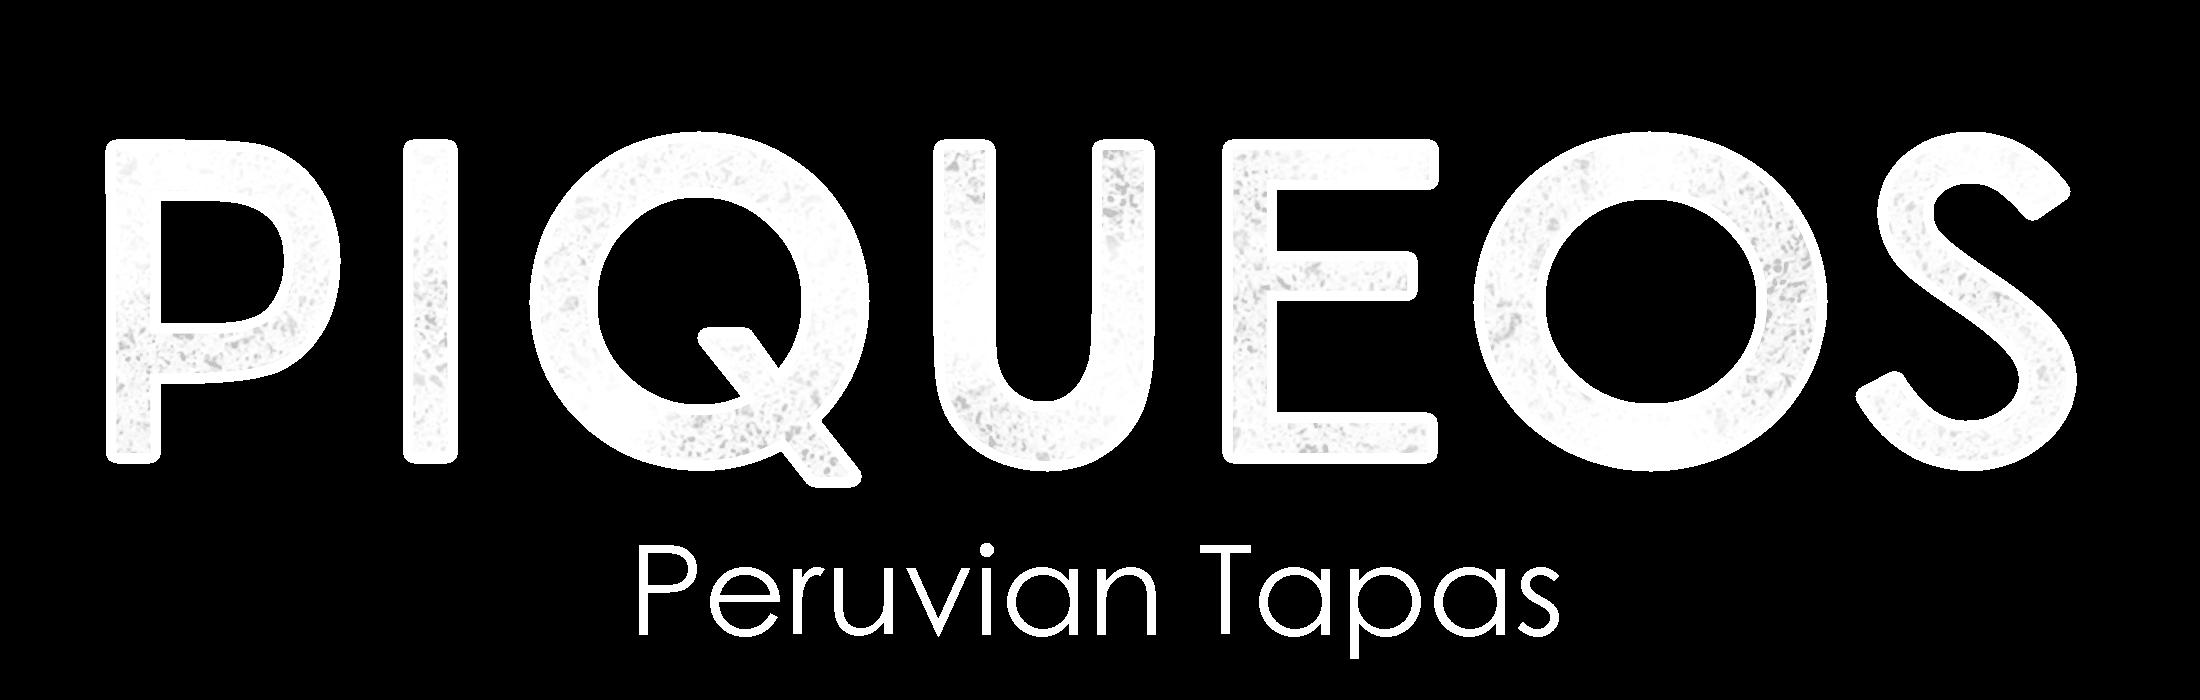 Piqueo's - Contemporary Peruvian Cuisine